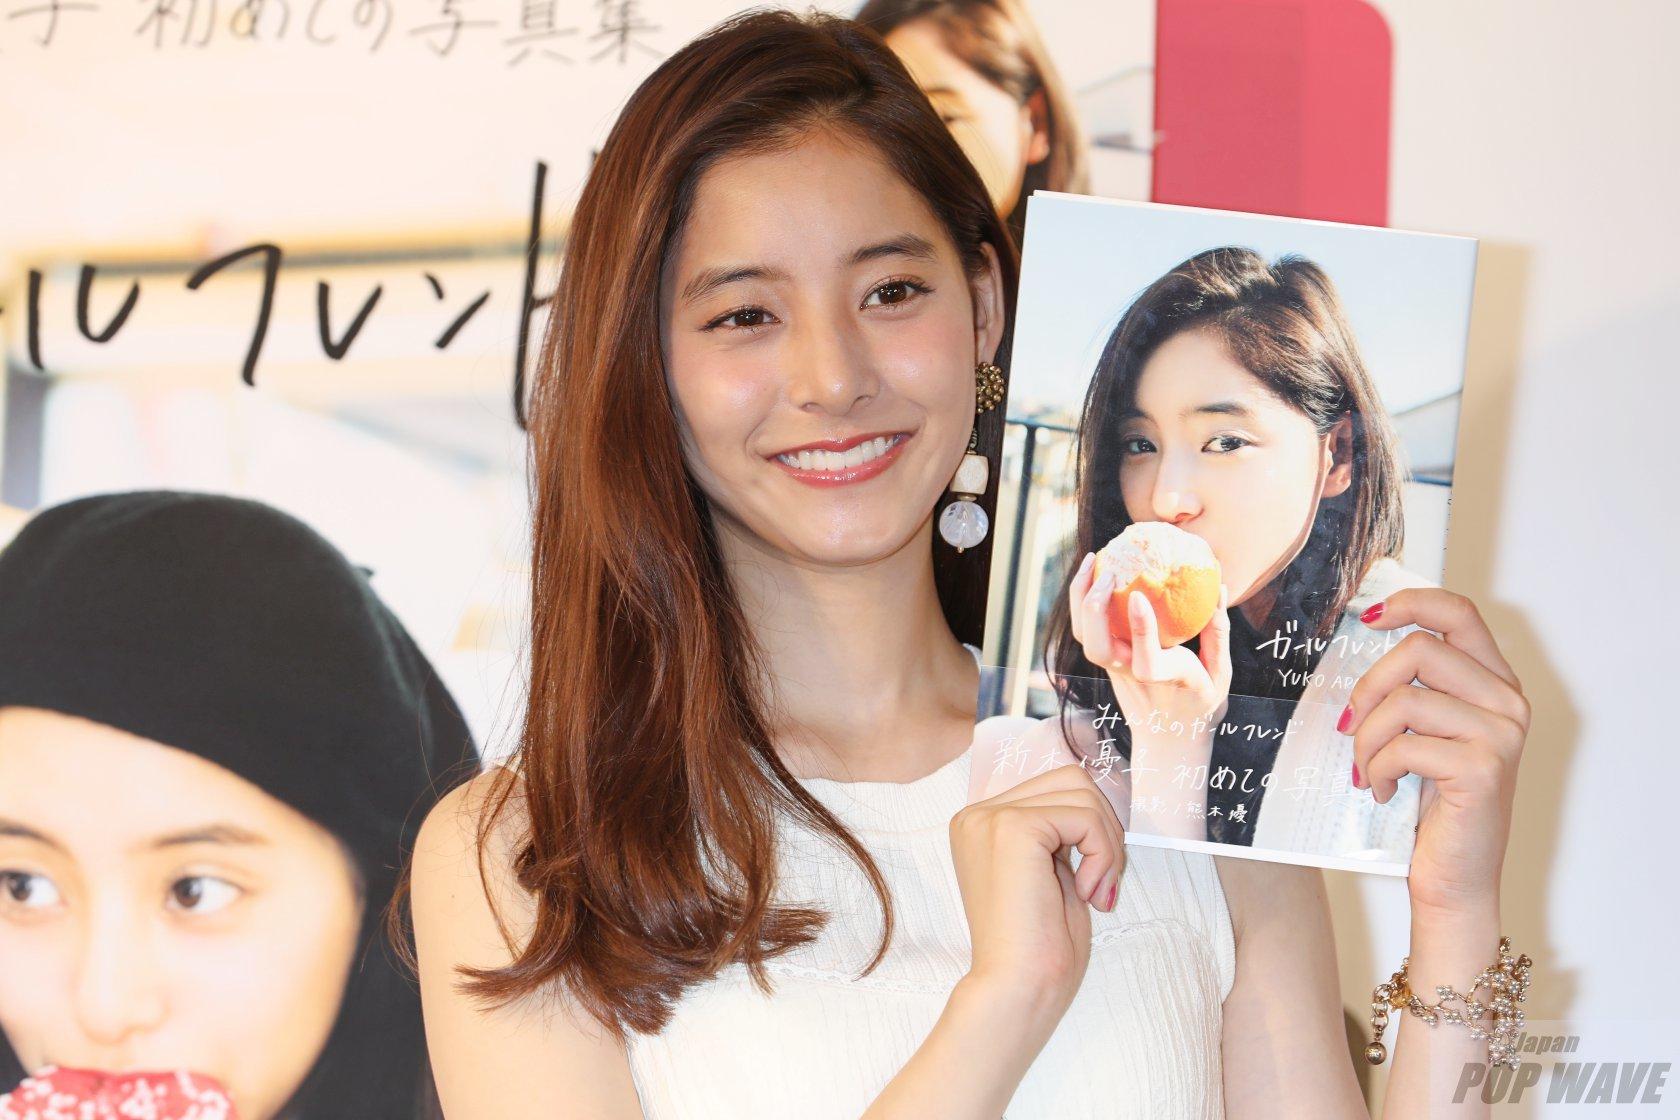 顔の肌がきれいな新木優子さん